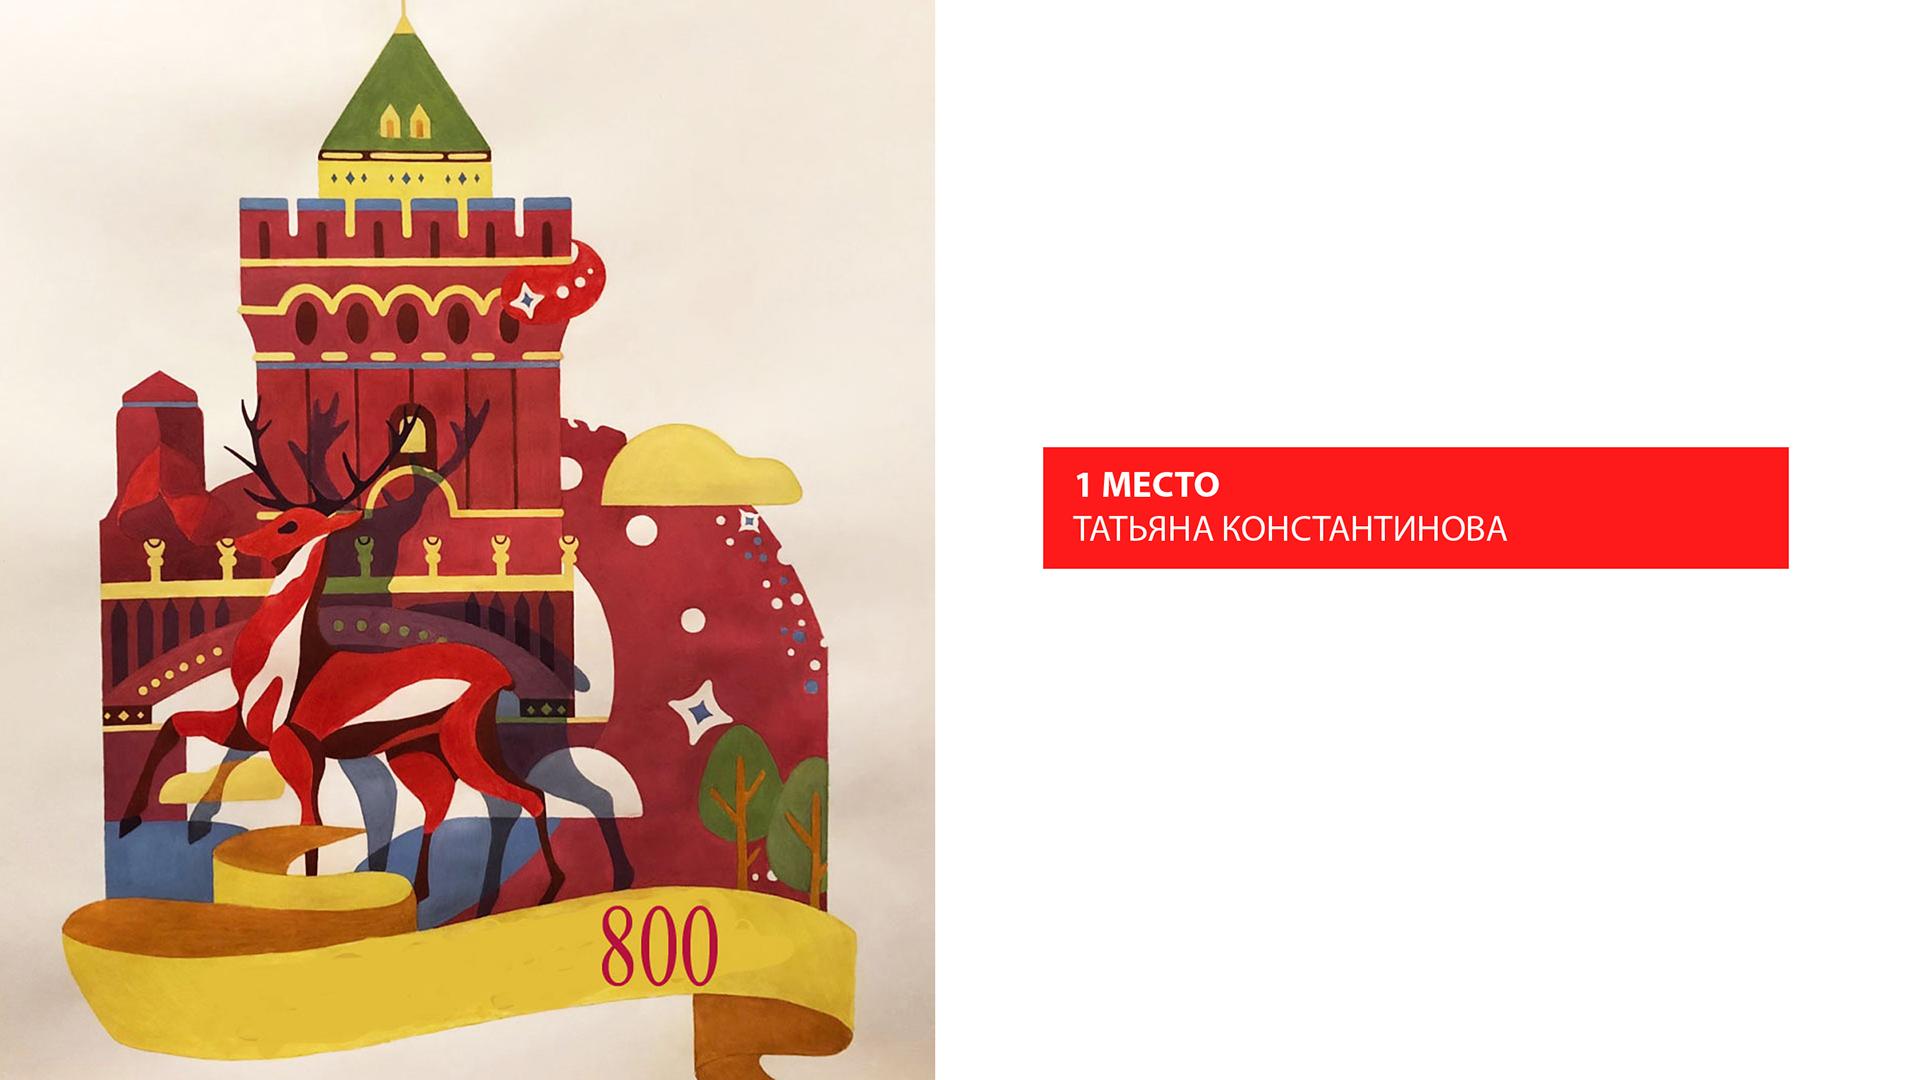 На факультете дизайна, изящных искусств и медиа-технологий состоялся конкурс плакатов, посвящённых 800-летию Нижнего Новгорода